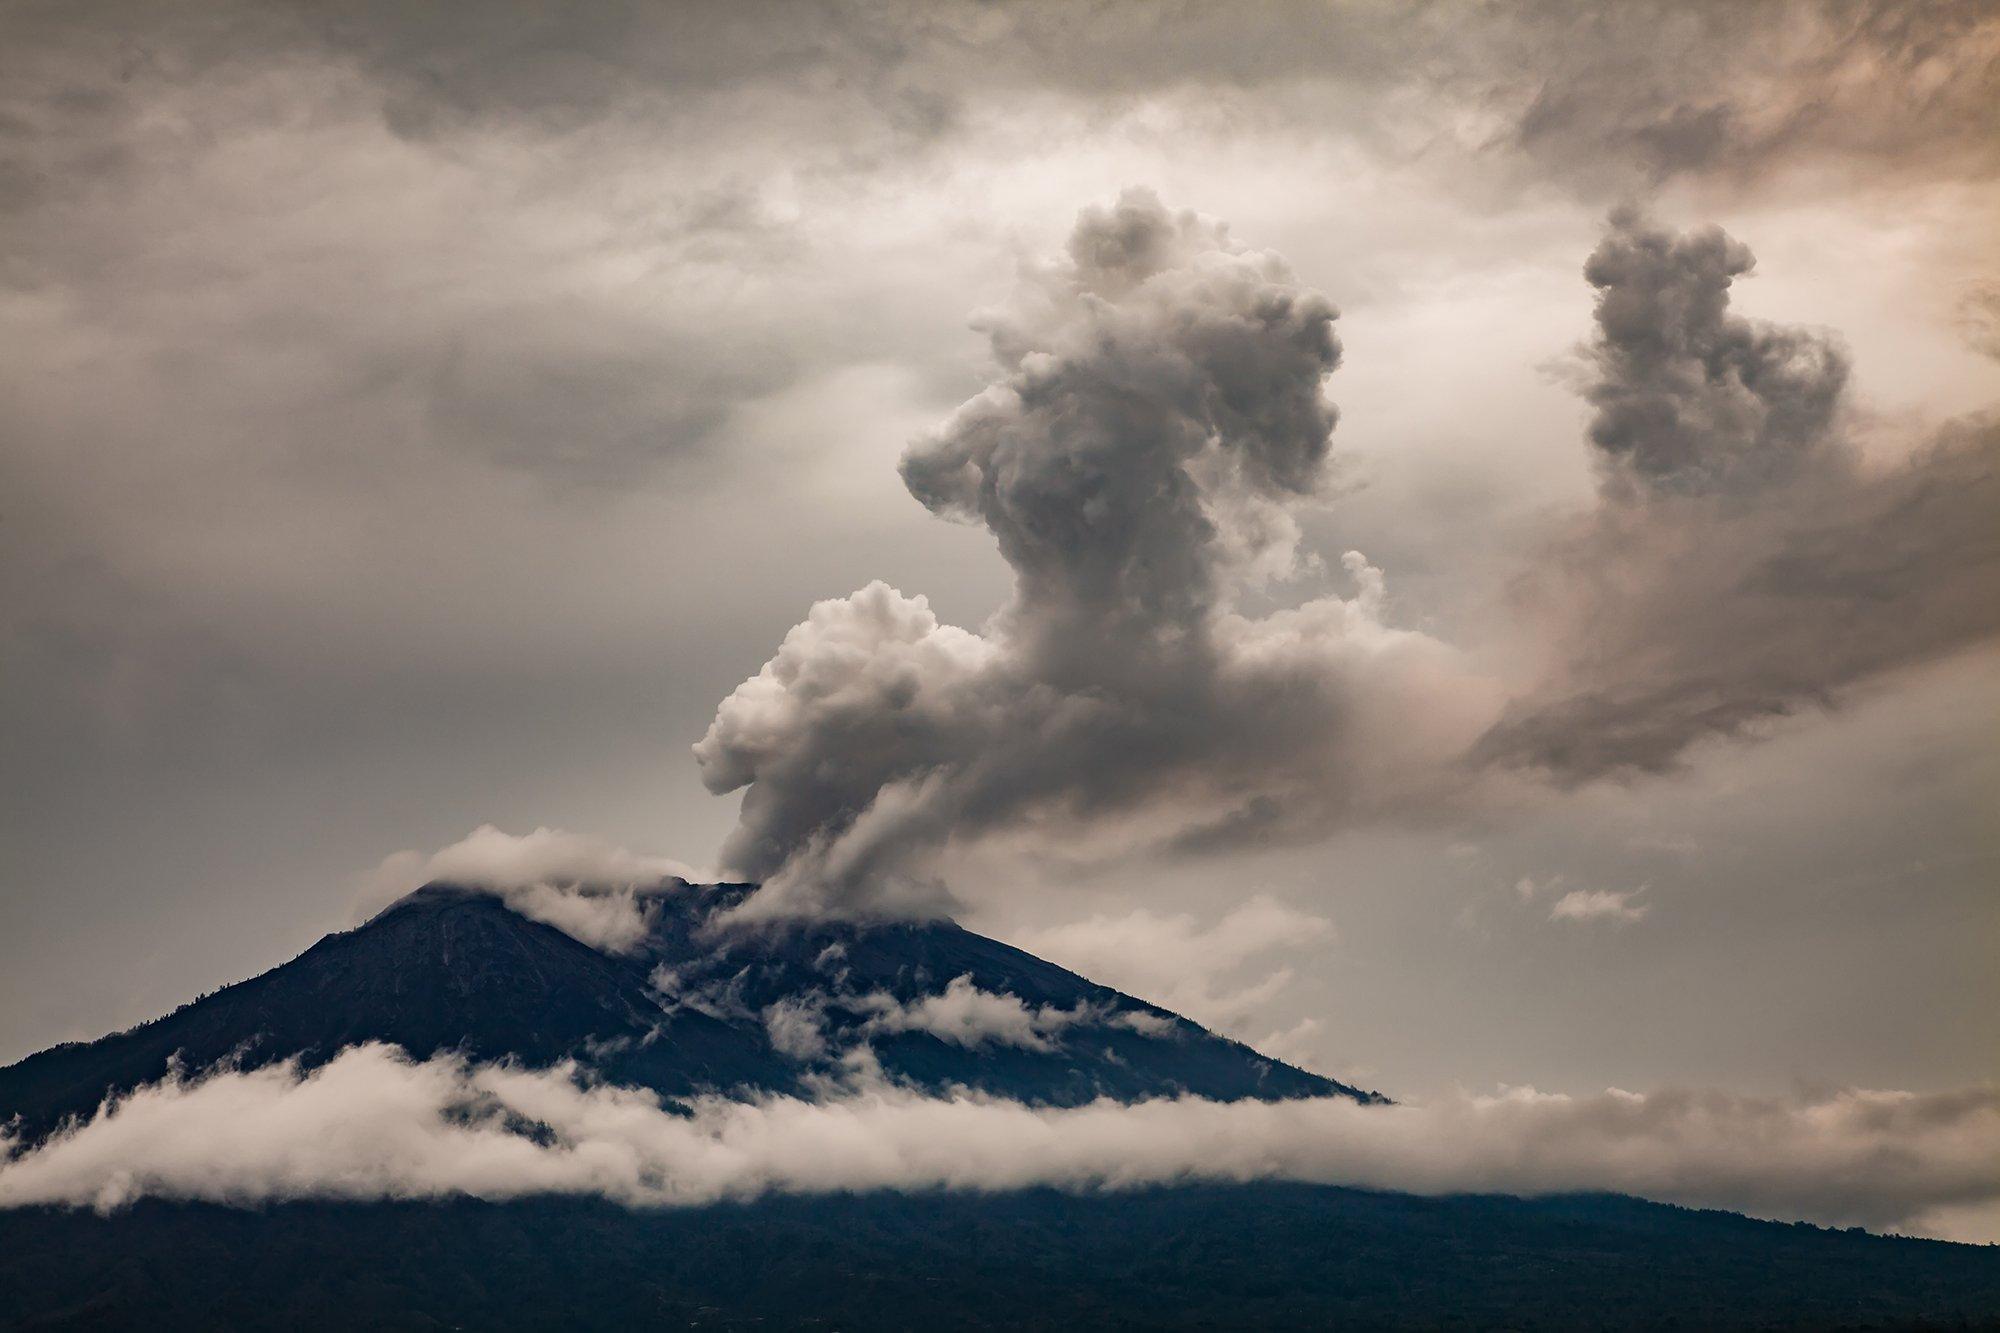 агунг, вулкан, извержение, Антон Петрусь